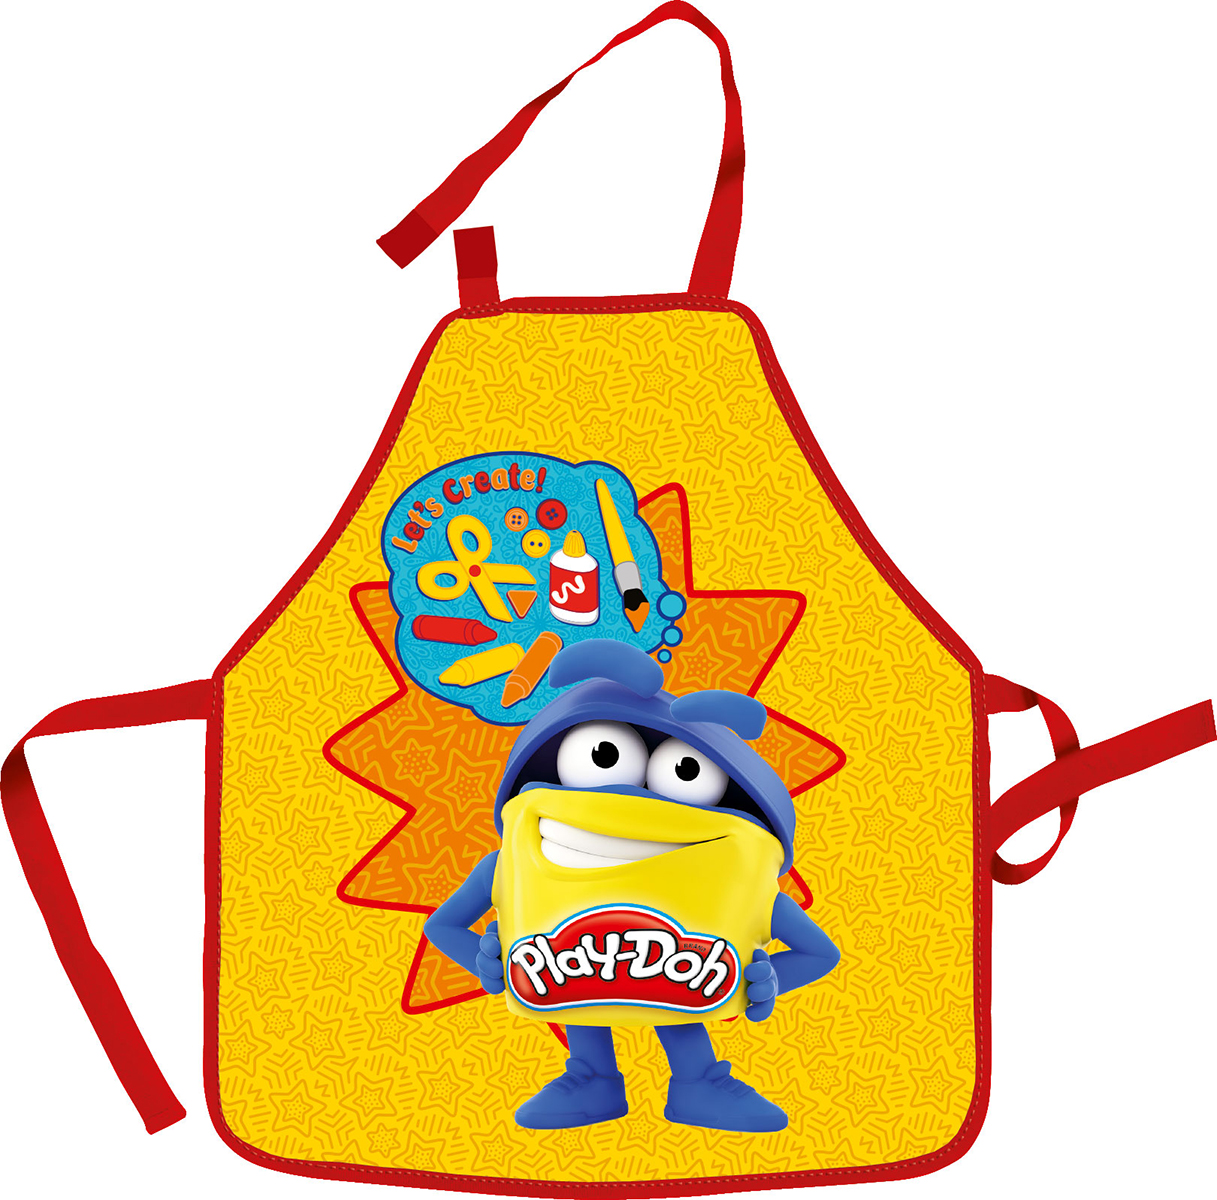 Play-Doh Фартук детский для творческих занятийPDCP-UT1-029MRФартук детский для творческих занятий с нарукавниками Play-Doh изготовлен из водостойкого материала. Его можно зафиксировать на талии и на шее с помощью специальных ремней. Ремень, предназначеный для фиксации на шее, имеет металлические приспособления для регулировки длины. В комплекте предусмотрены нарукавники из плащевой ткани. Они фиксируются резинками сверху и снизу. Размеры: 51 х 44 см (фартук), 11 х 25 см (нарукавники).